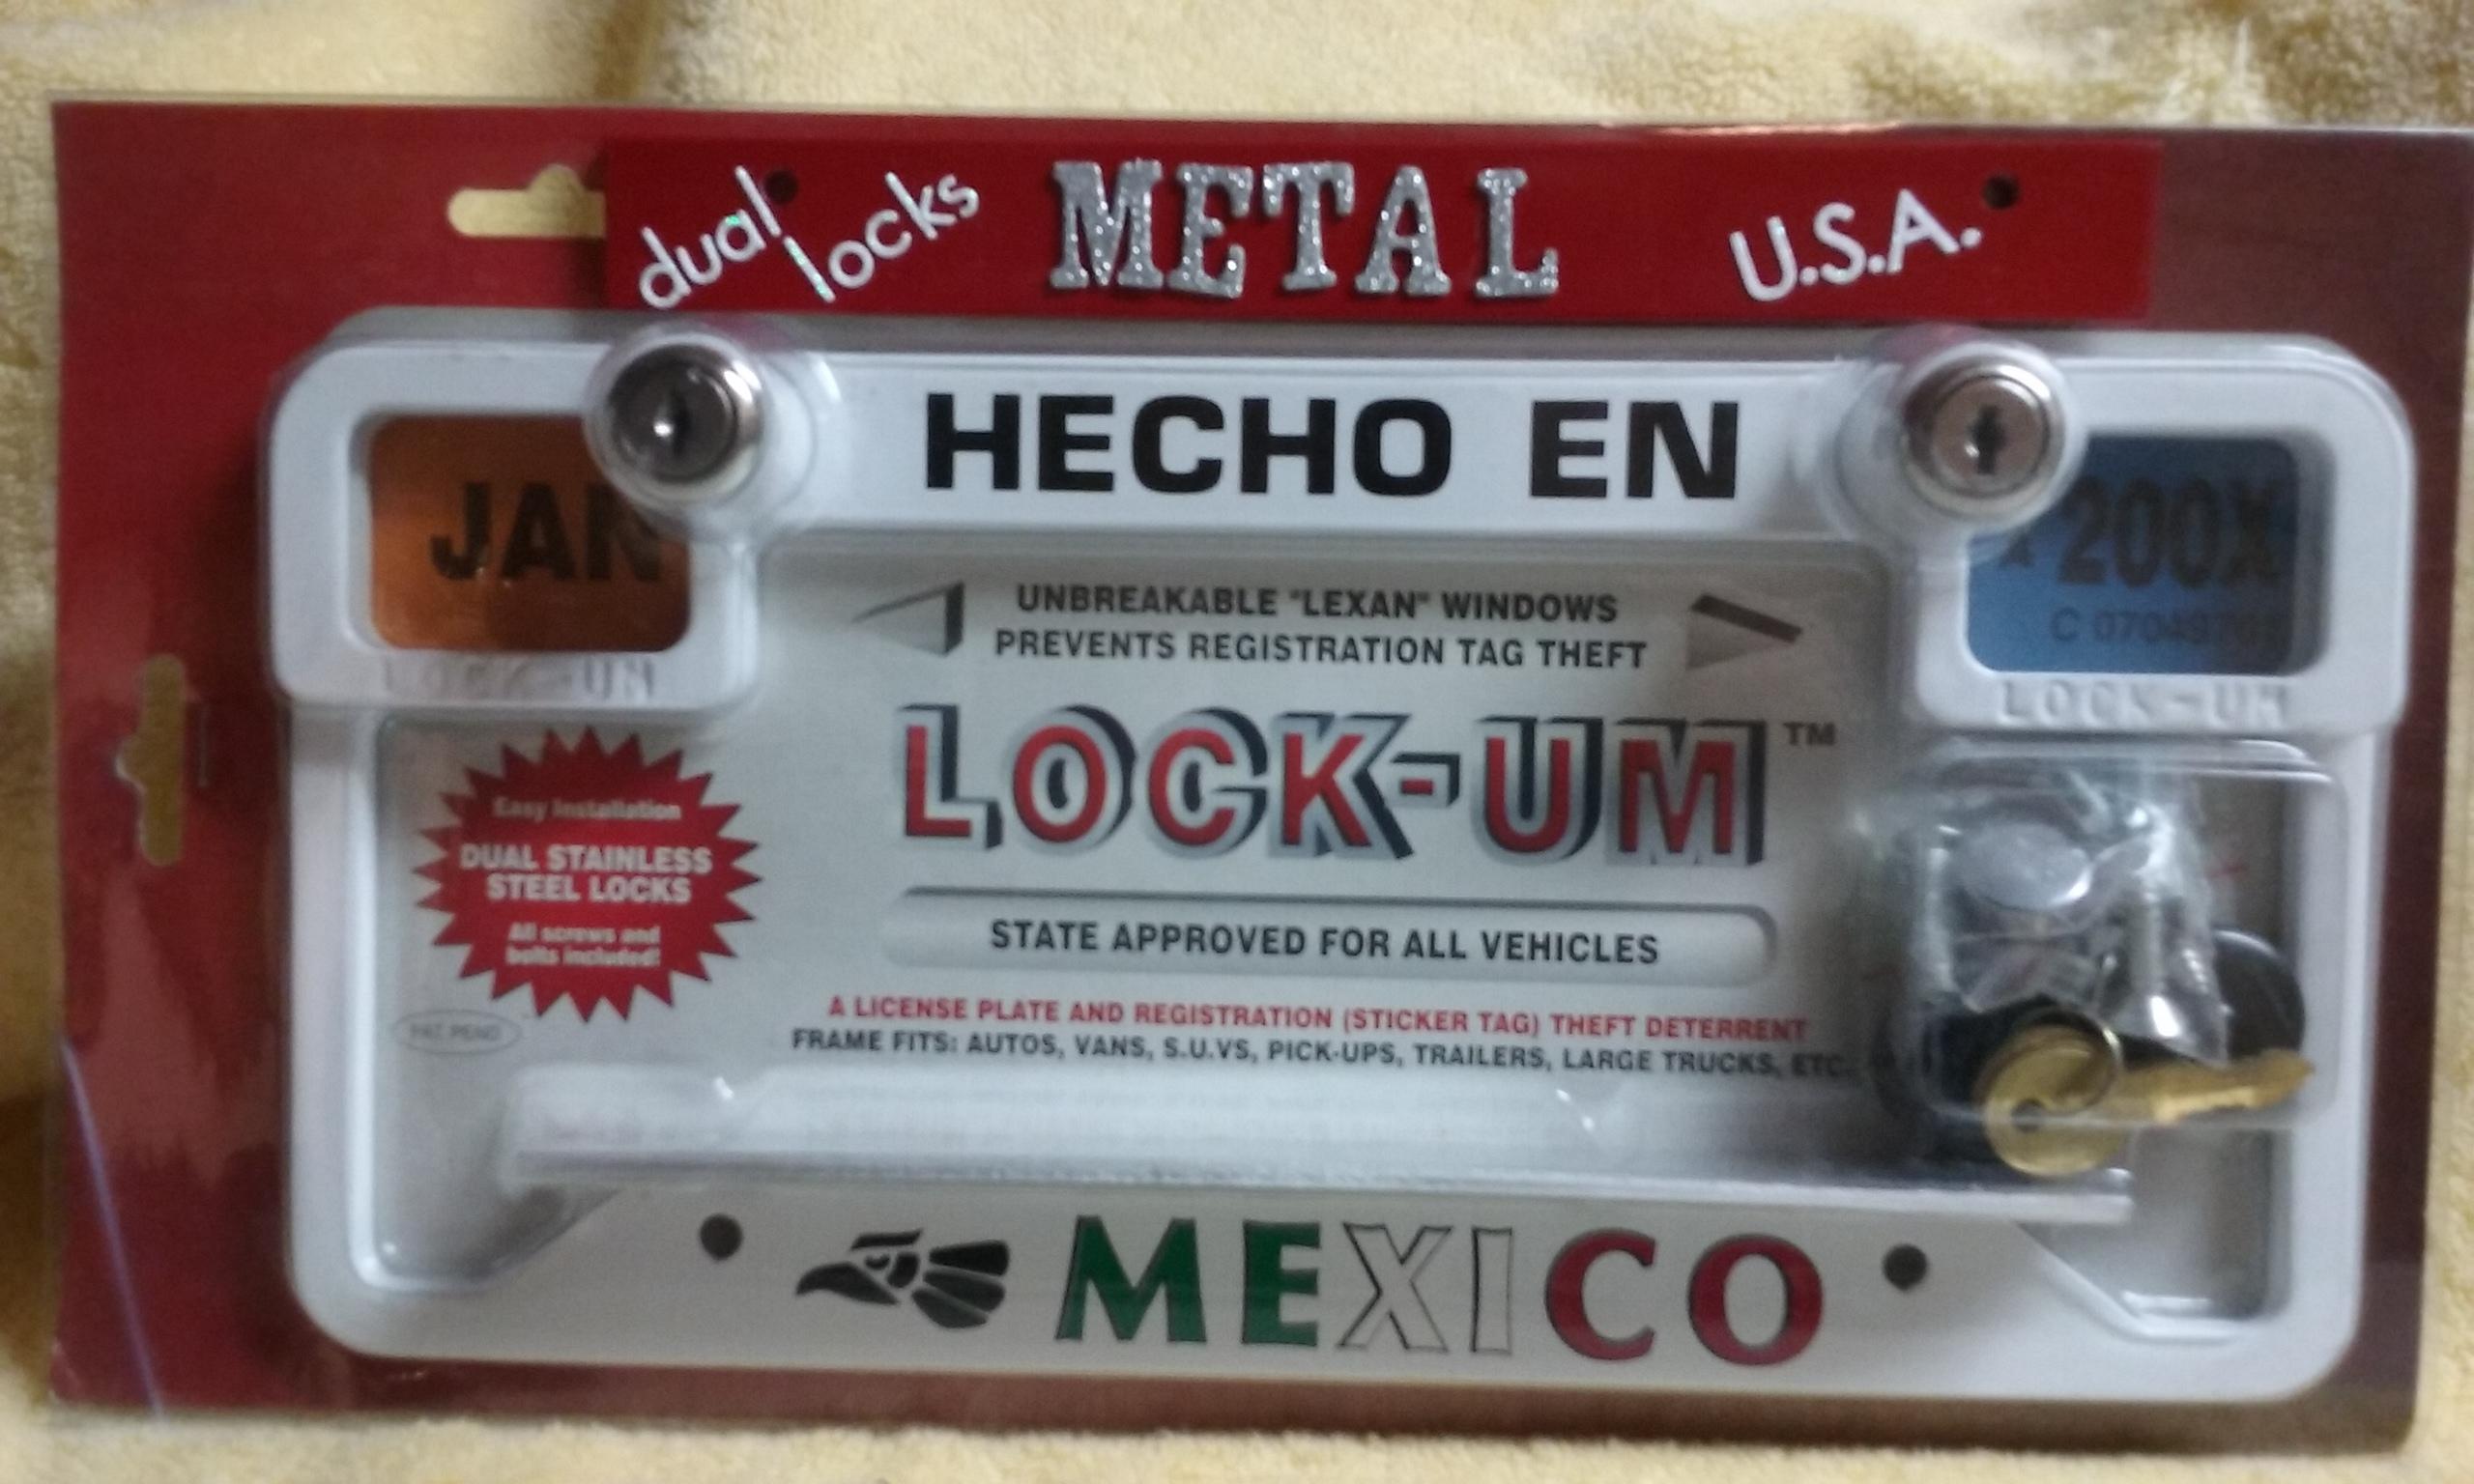 Dual Locks Metal Usa Hecho En Mexico Lockum